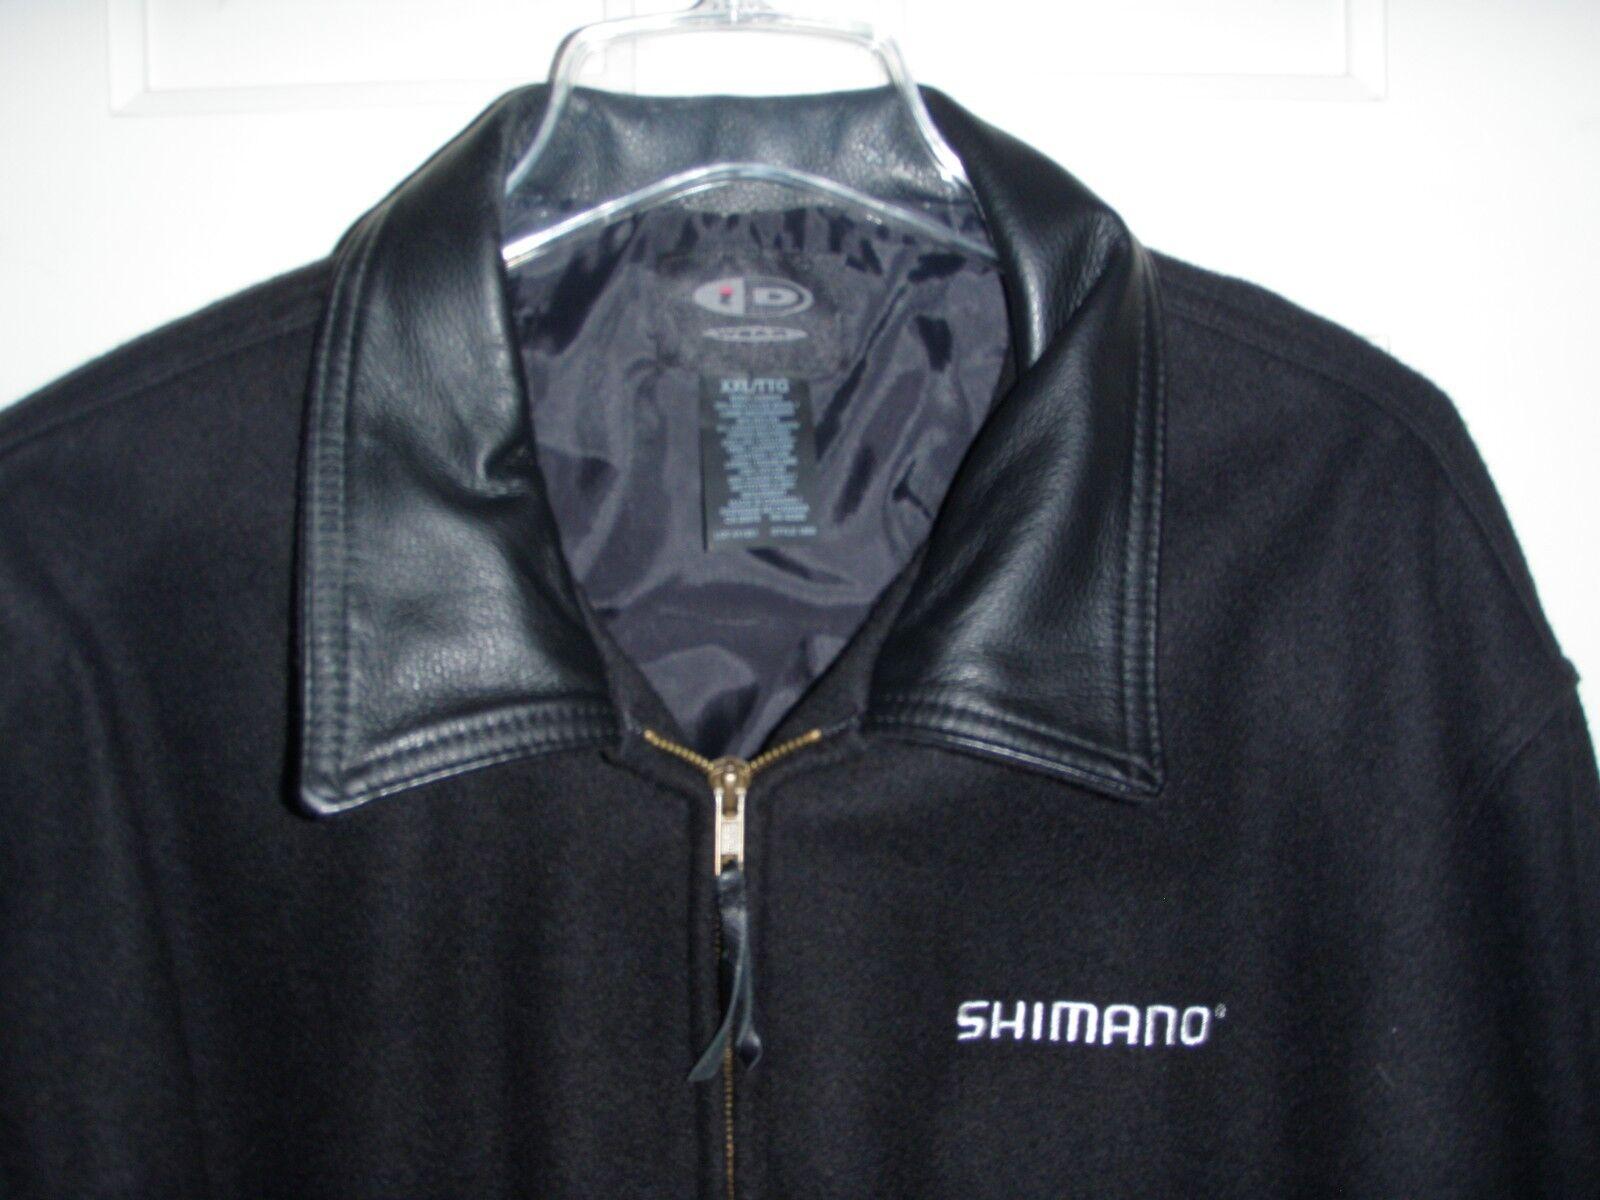 Shihommeo vintage sport Pêche Veste laine cuir XXL NEUF